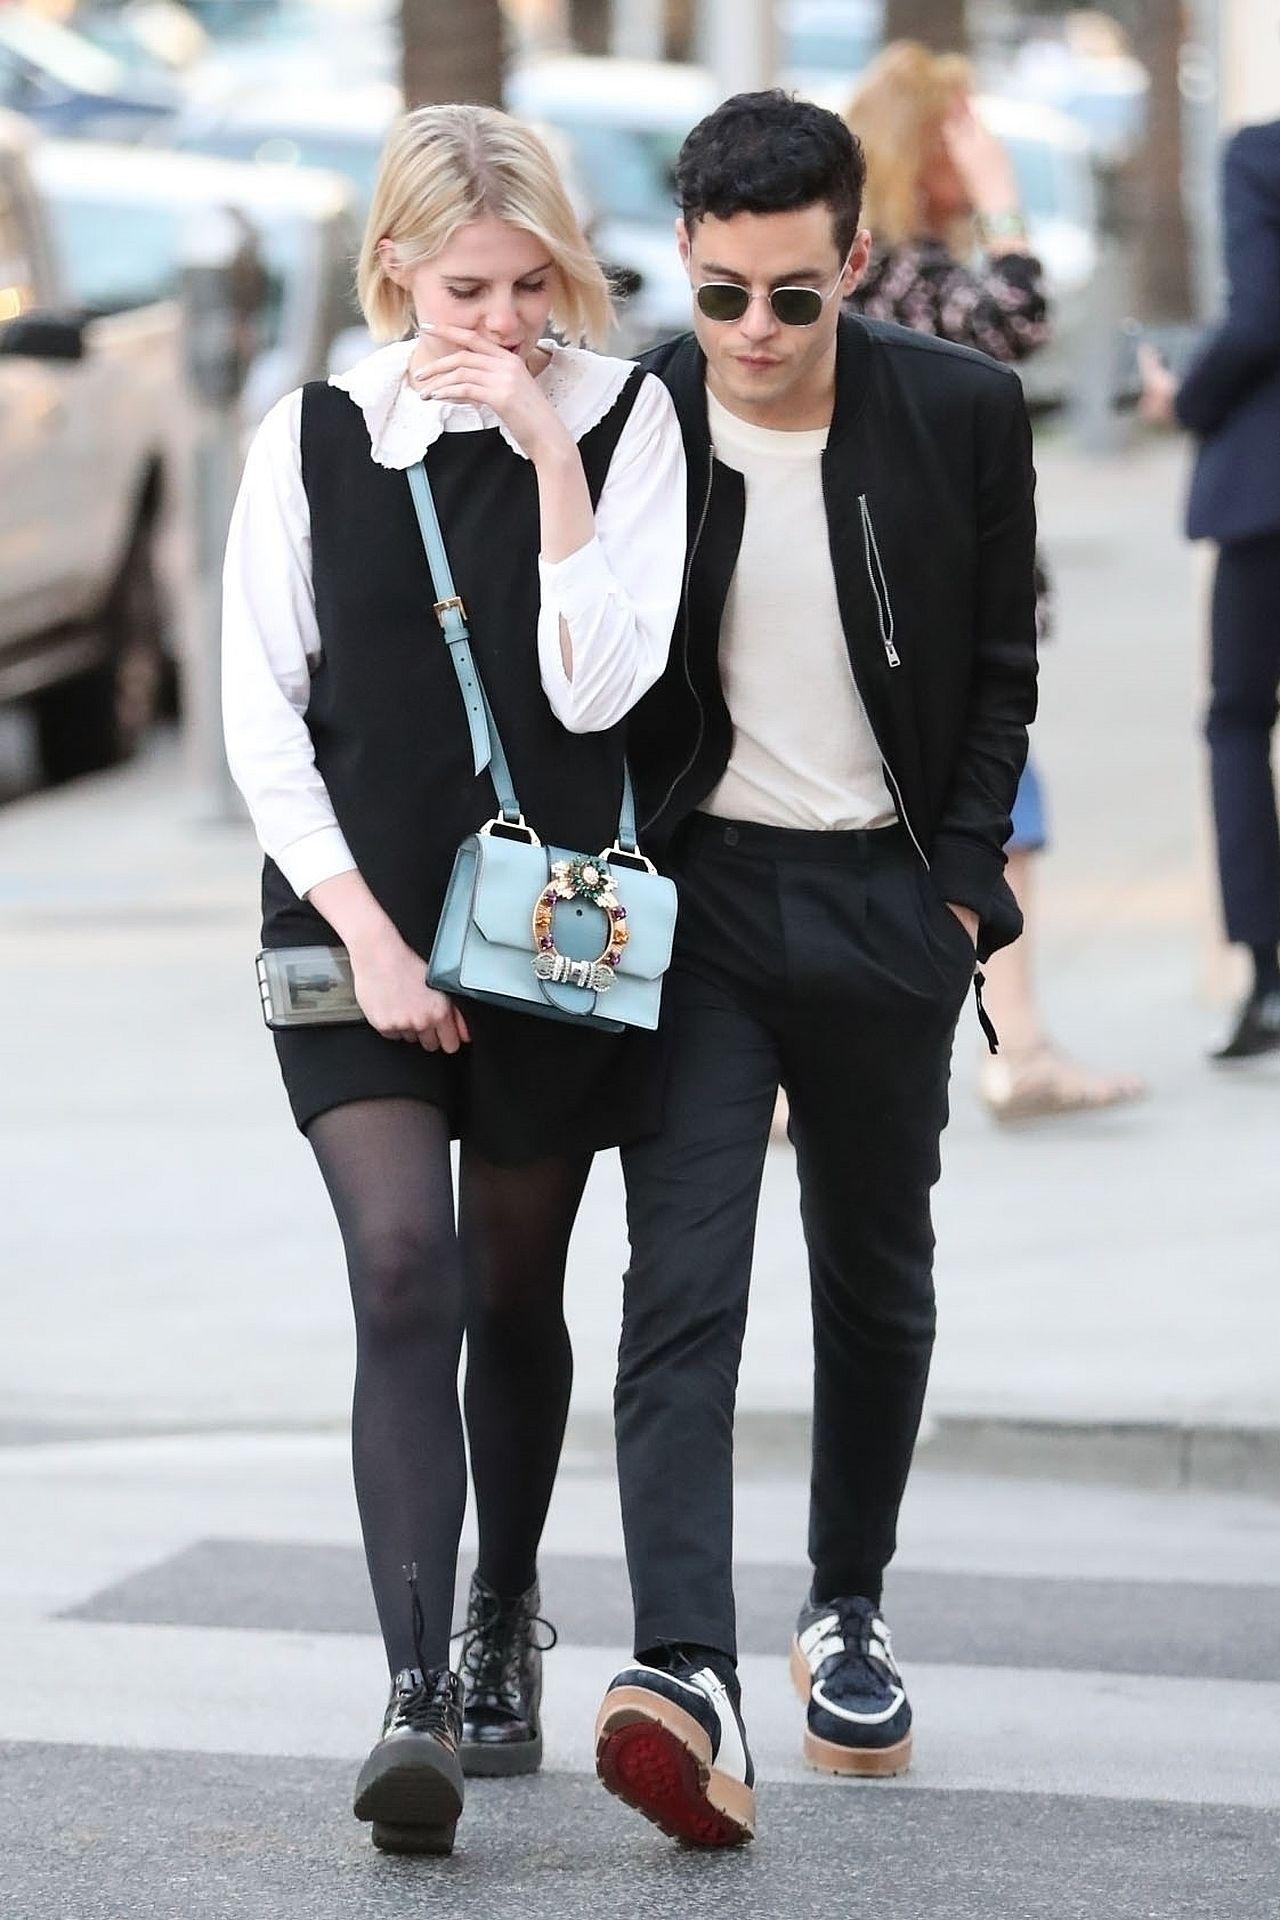 Rami Malek potwierdza związek z Lucy Bonton - poznali się na planie filmu